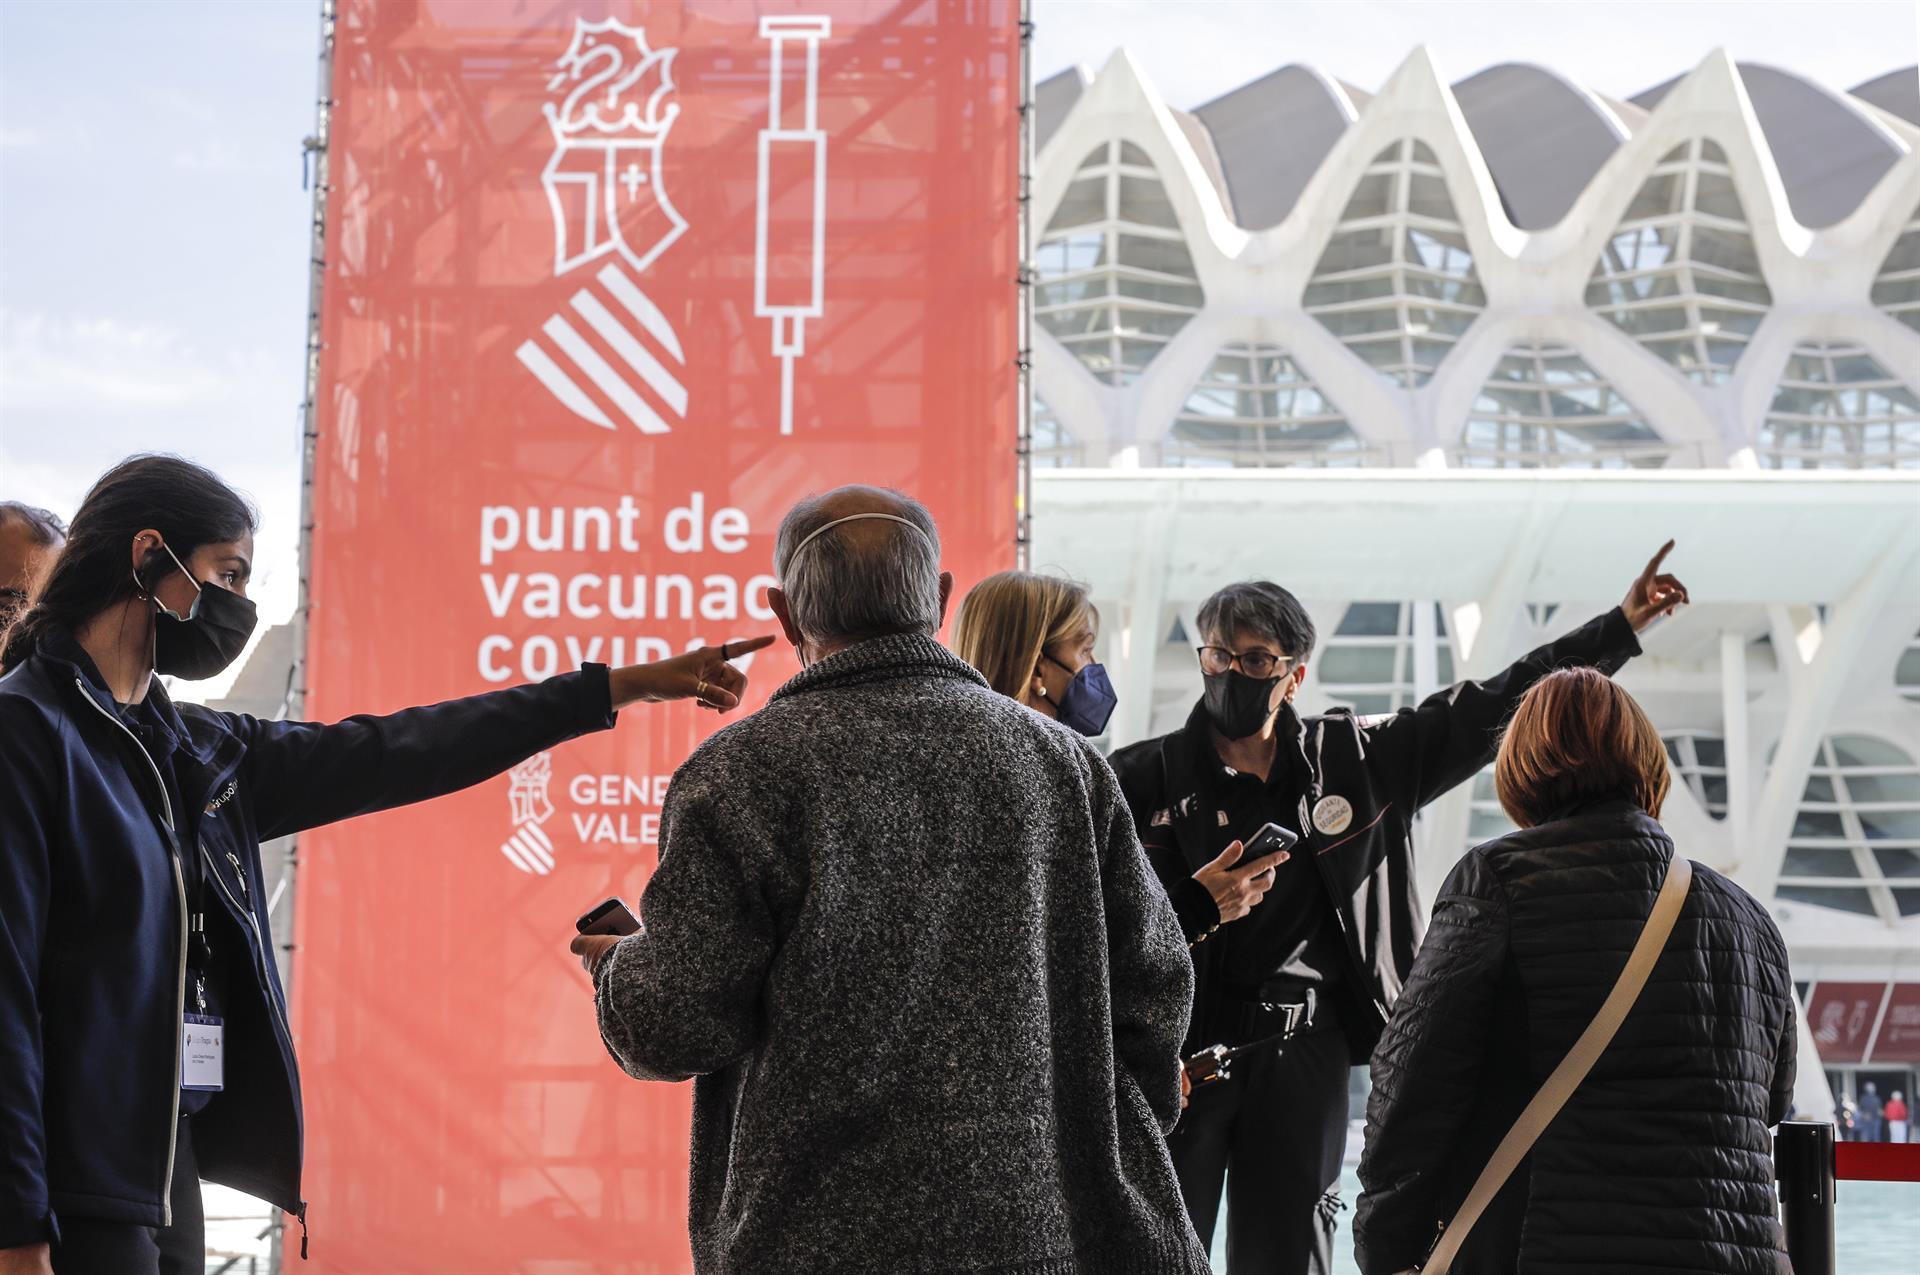 Archivo - Proceso de vacunación masiva contra el coronavirus en la Ciutat de les Arts i les Ciències - ROBER SOLSONA/ EUROPA PRESS - Archivo